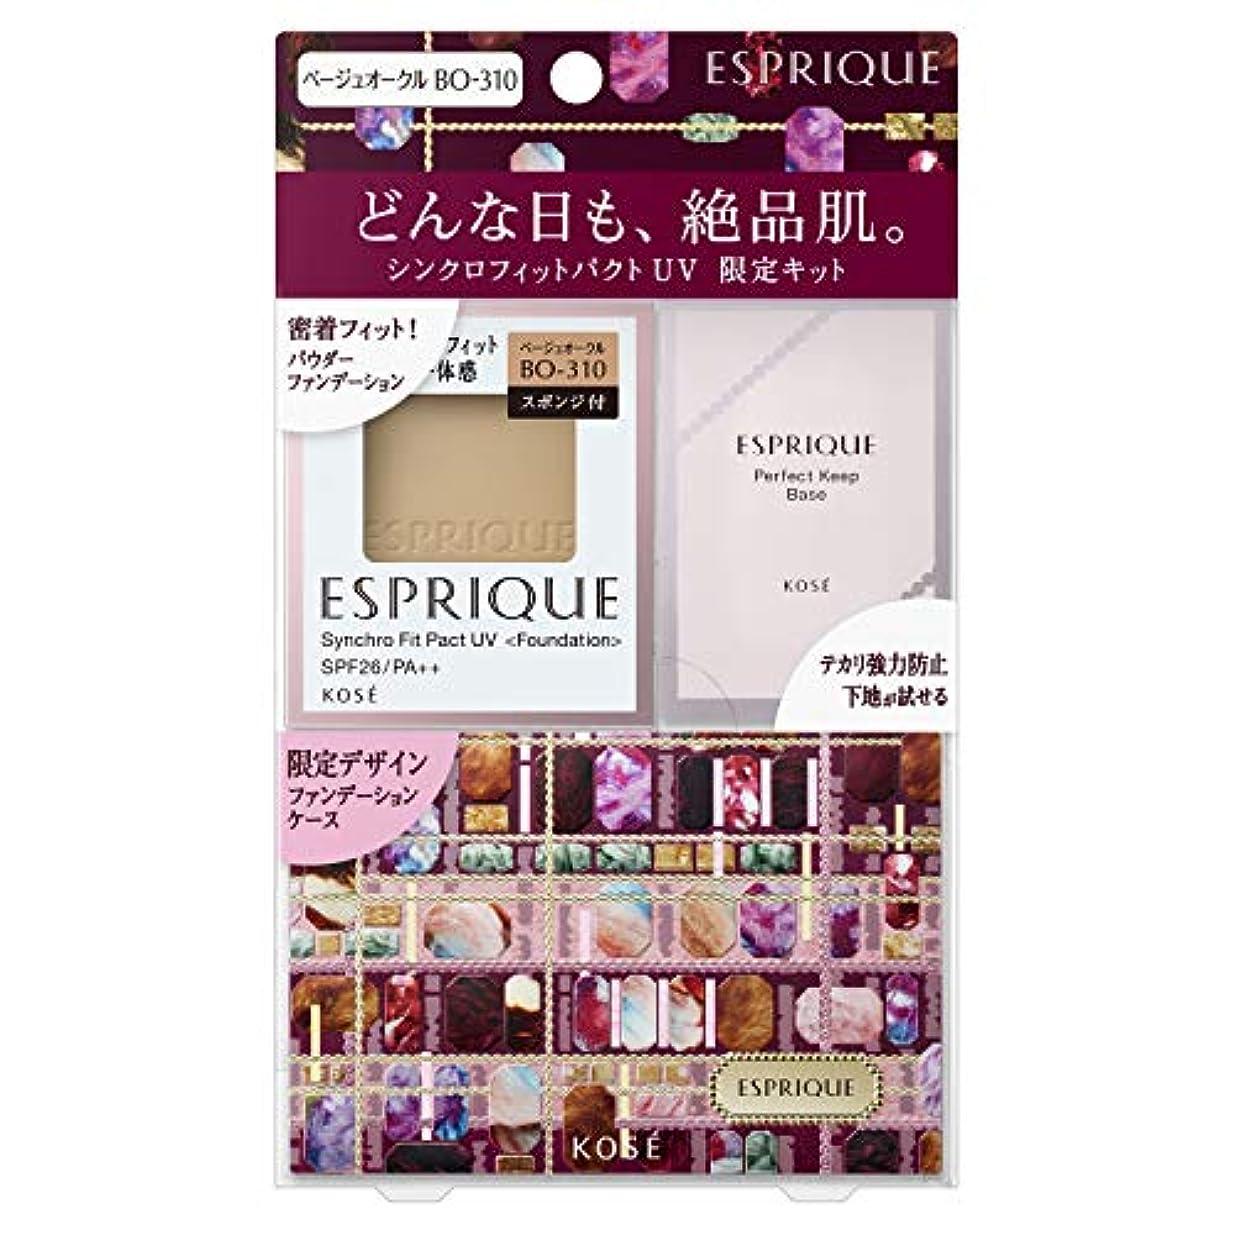 エスプリーク シンクロフィット パクト UV 限定キット 2 BO-310 ベージュオークル